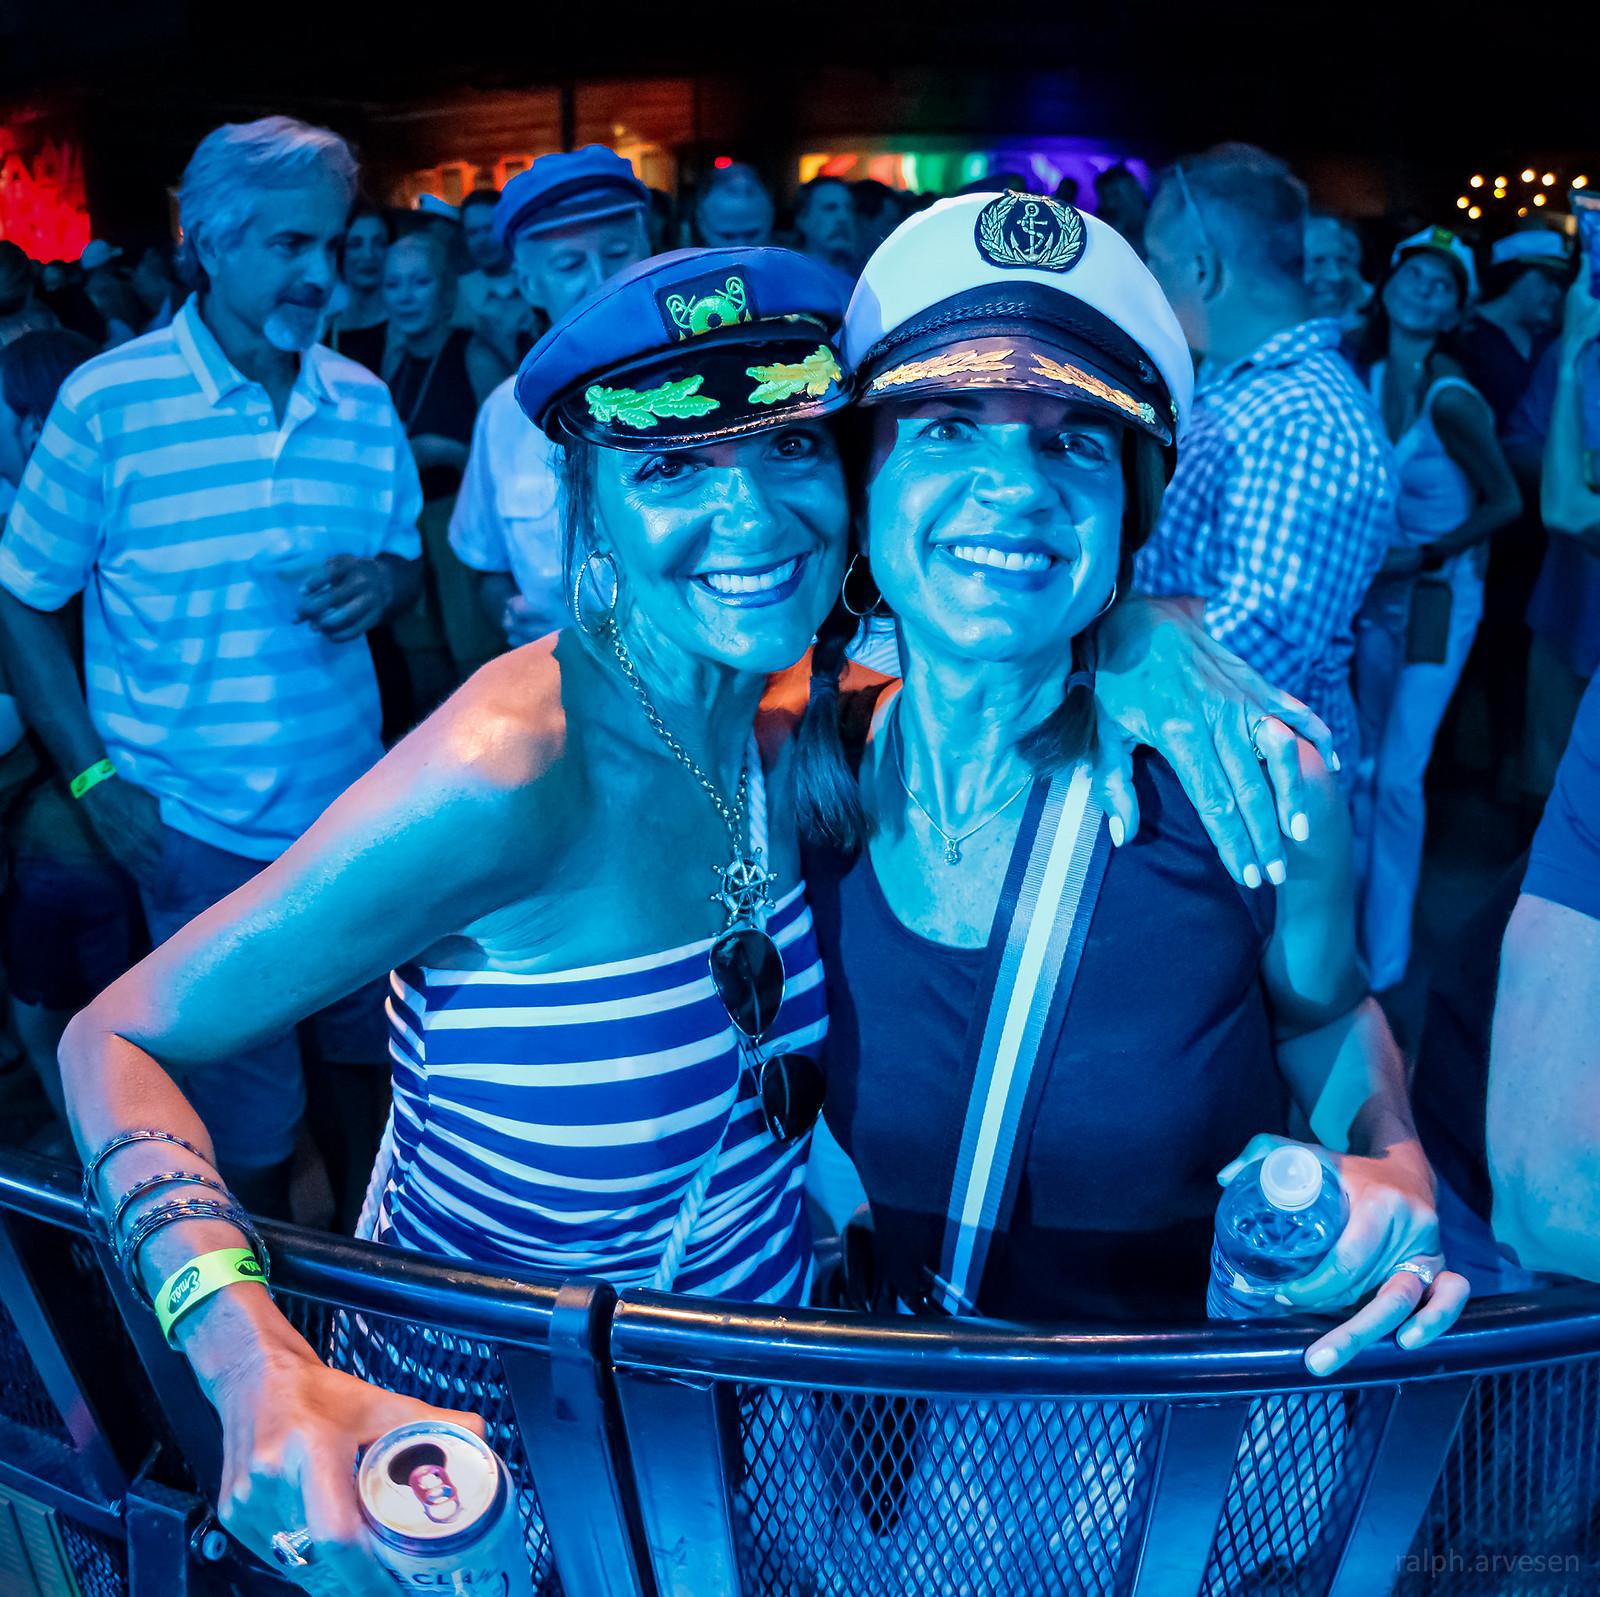 Yacht Rock Revue | Texas Review | Ralph Arvesen